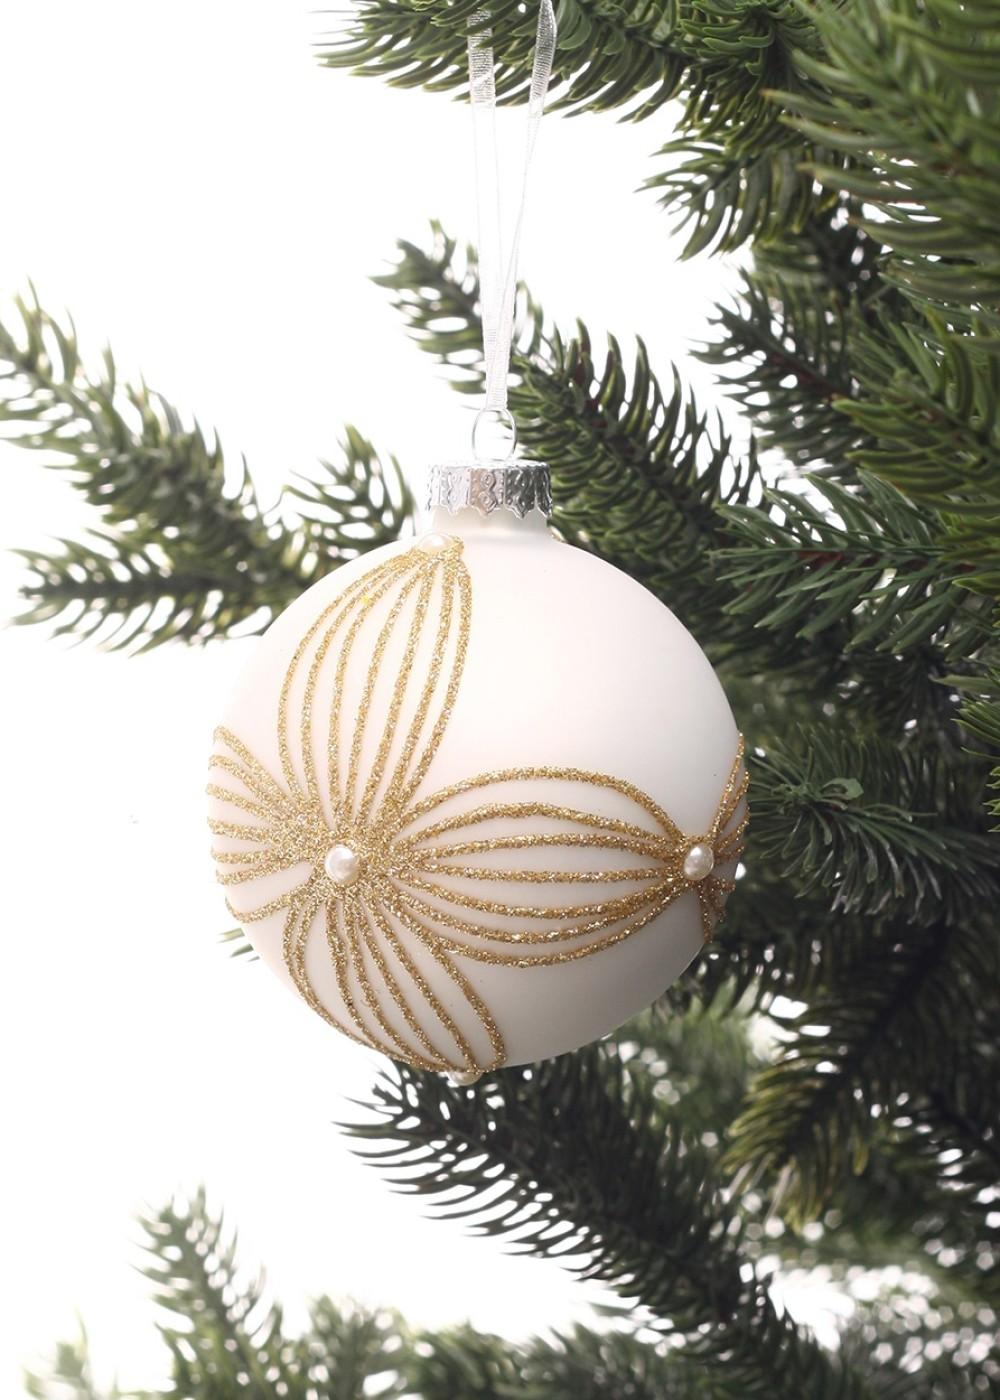 Fehér karácsonyfadísz aranyozott virágmintával